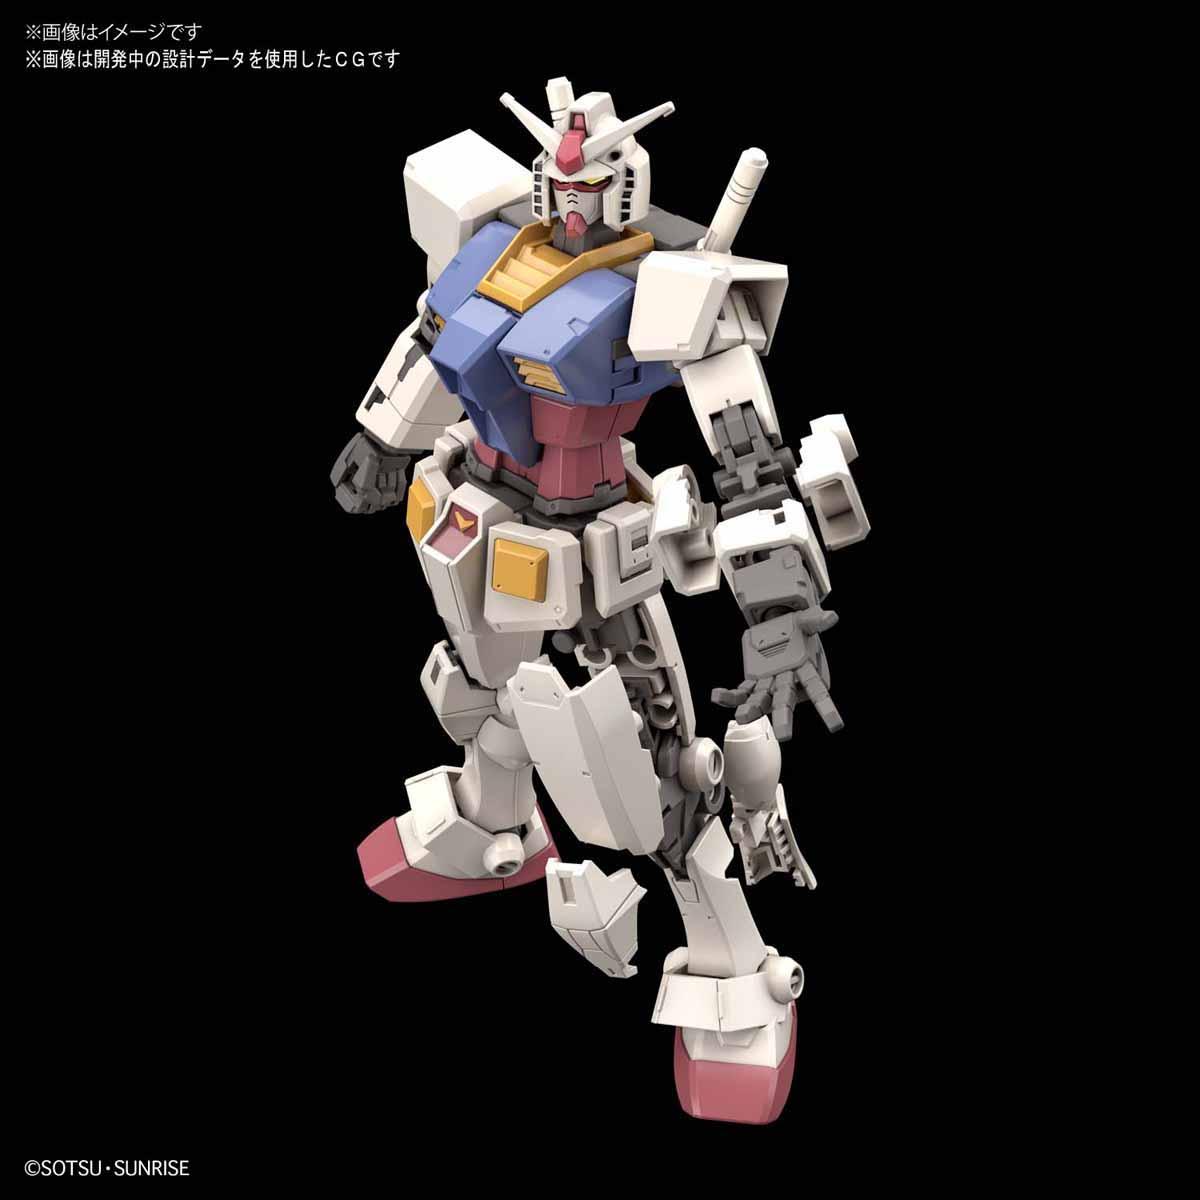 【再販】HG 1/144『RX-78-2 ガンダム[BEYOND GLOBAL]』プラモデル-001